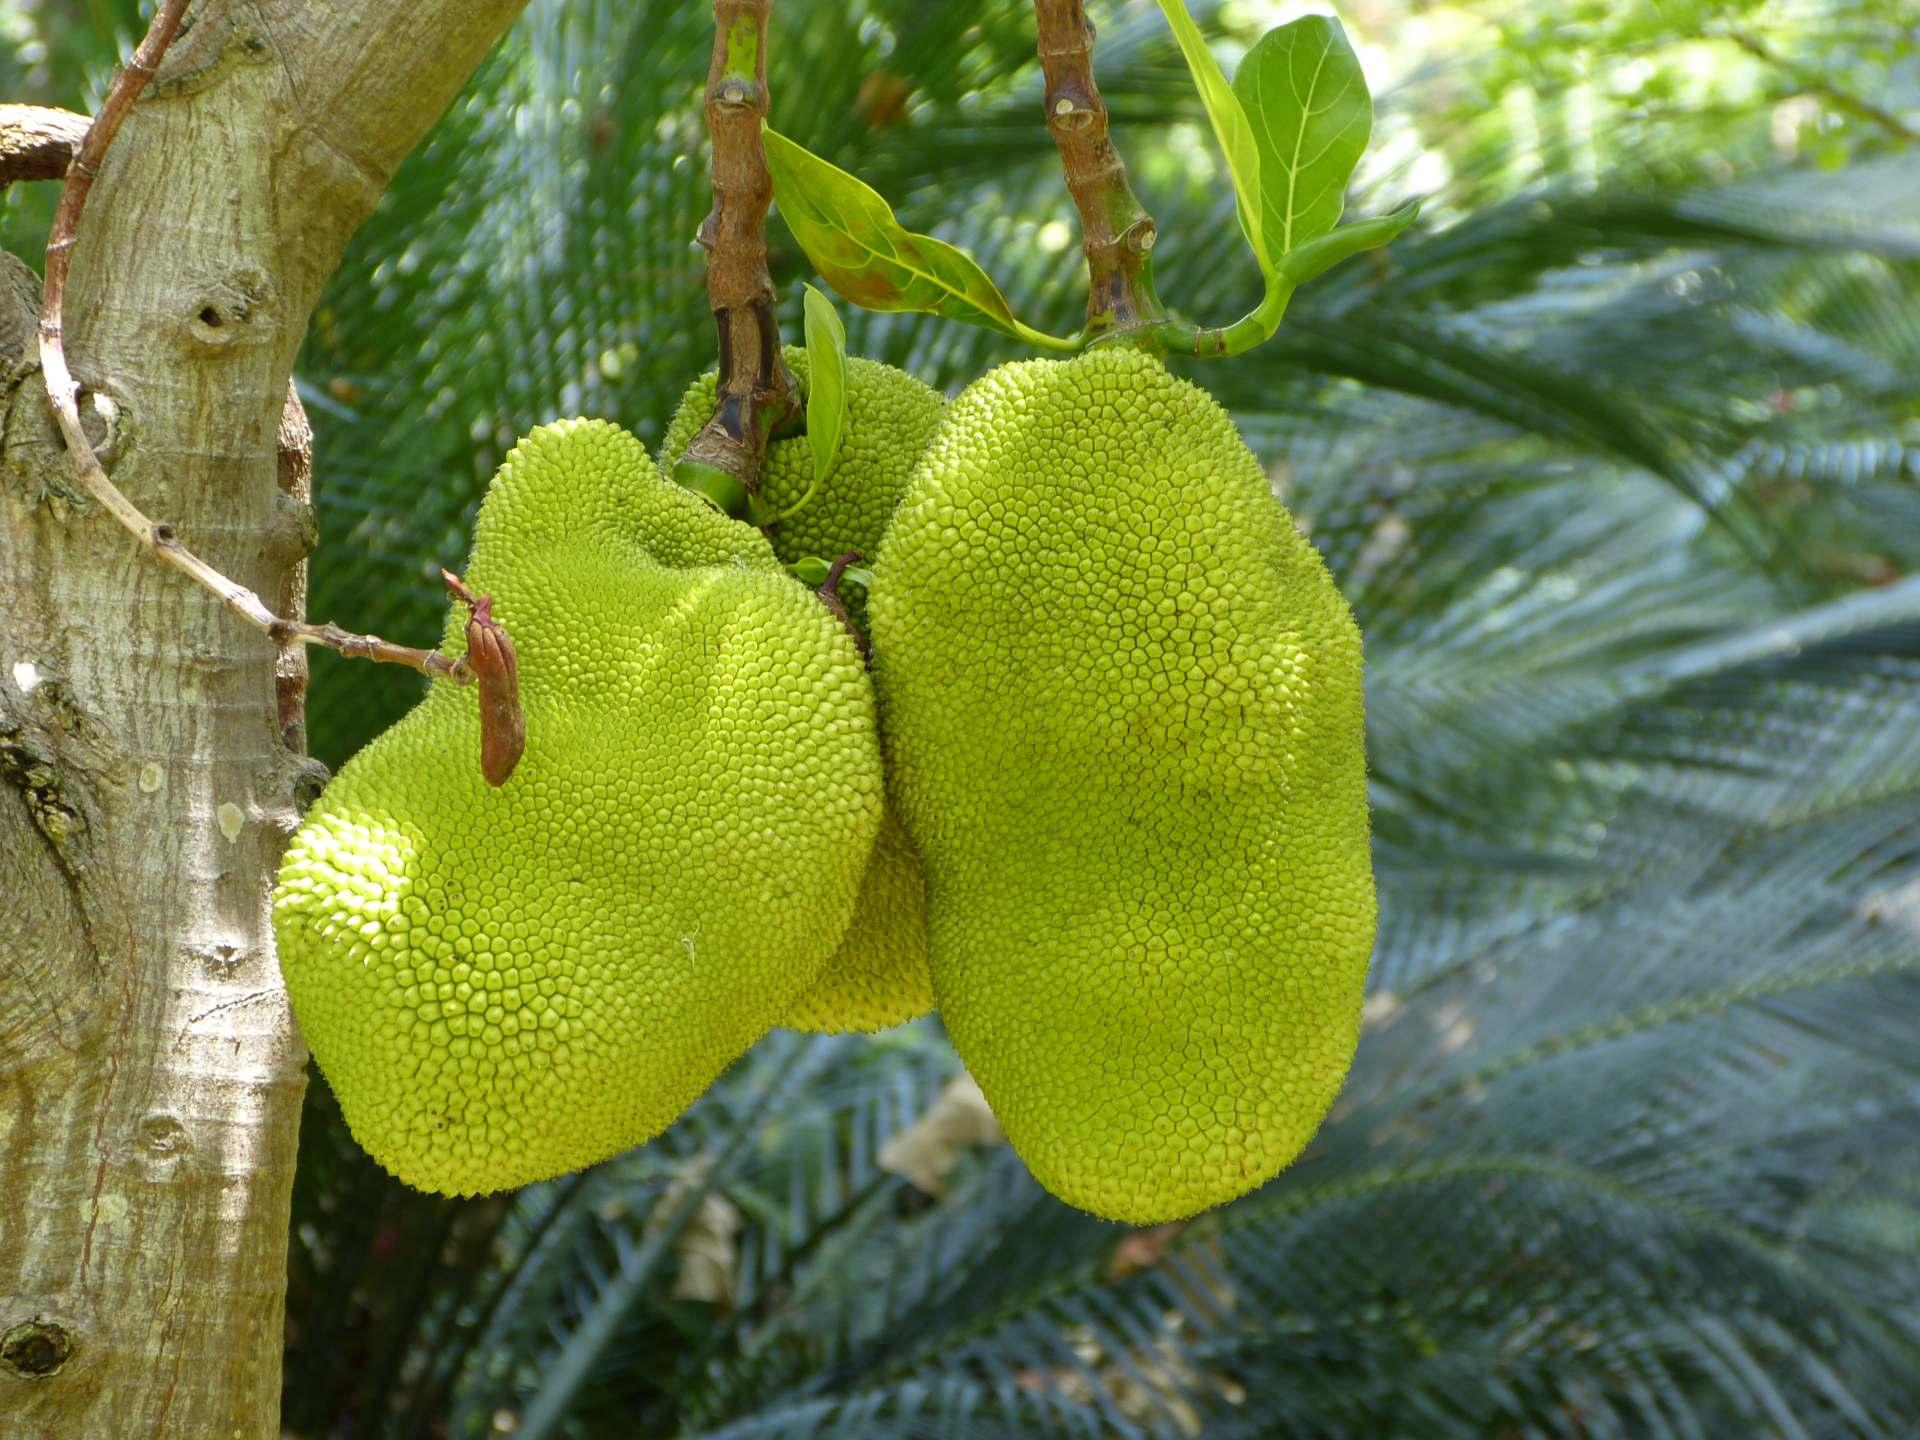 Verbotene Früchte?